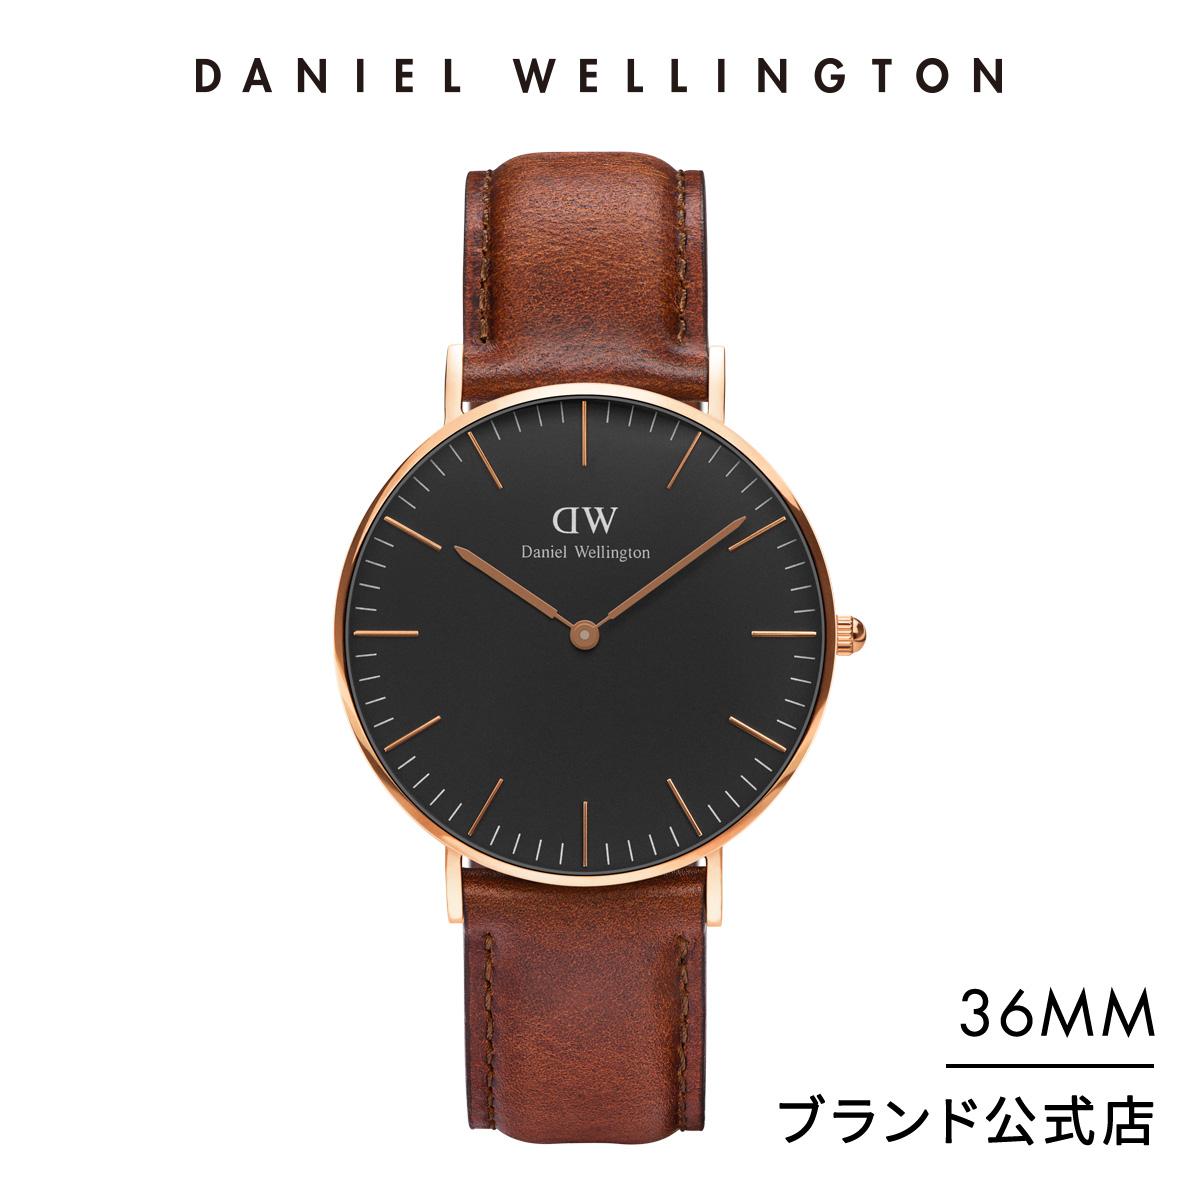 【公式2年保証/送料無料】ダニエルウェリントン公式 レディース/メンズ 腕時計 Classic Black St Mawes 36mm 革 ベルト クラシック ブラック セント モース DW プレゼント おしゃれ インスタ映え ブランド 彼女 彼氏